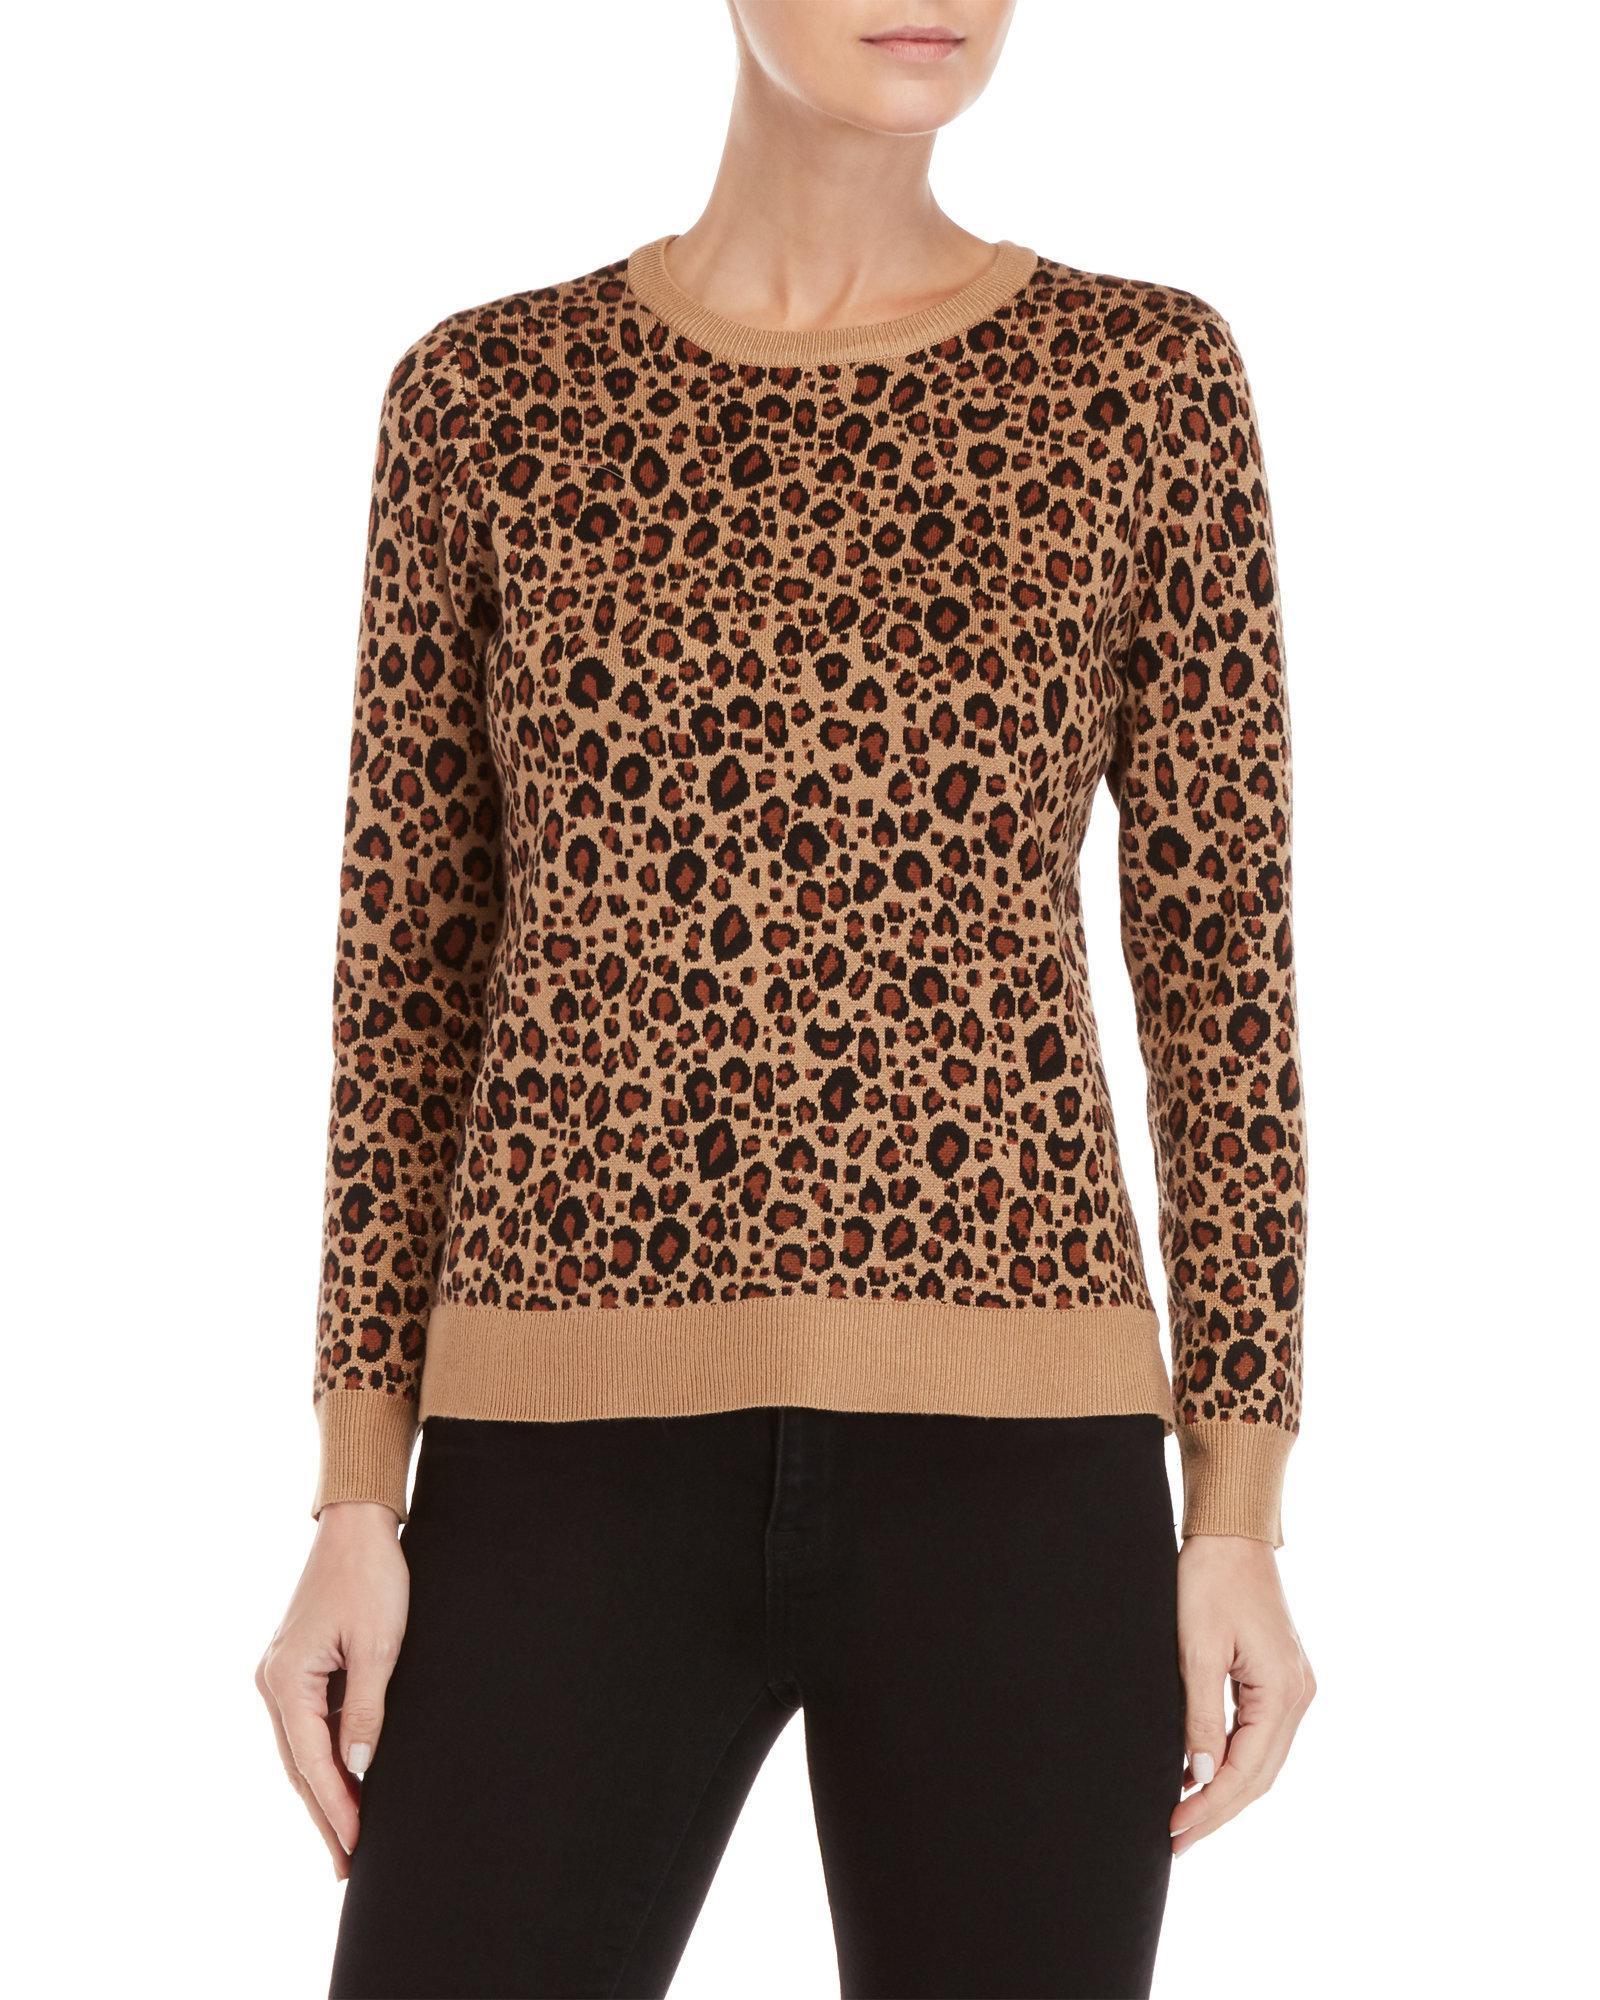 3ec716963a12 Lyst - Philosophy Petite Leopard Sweater in Brown